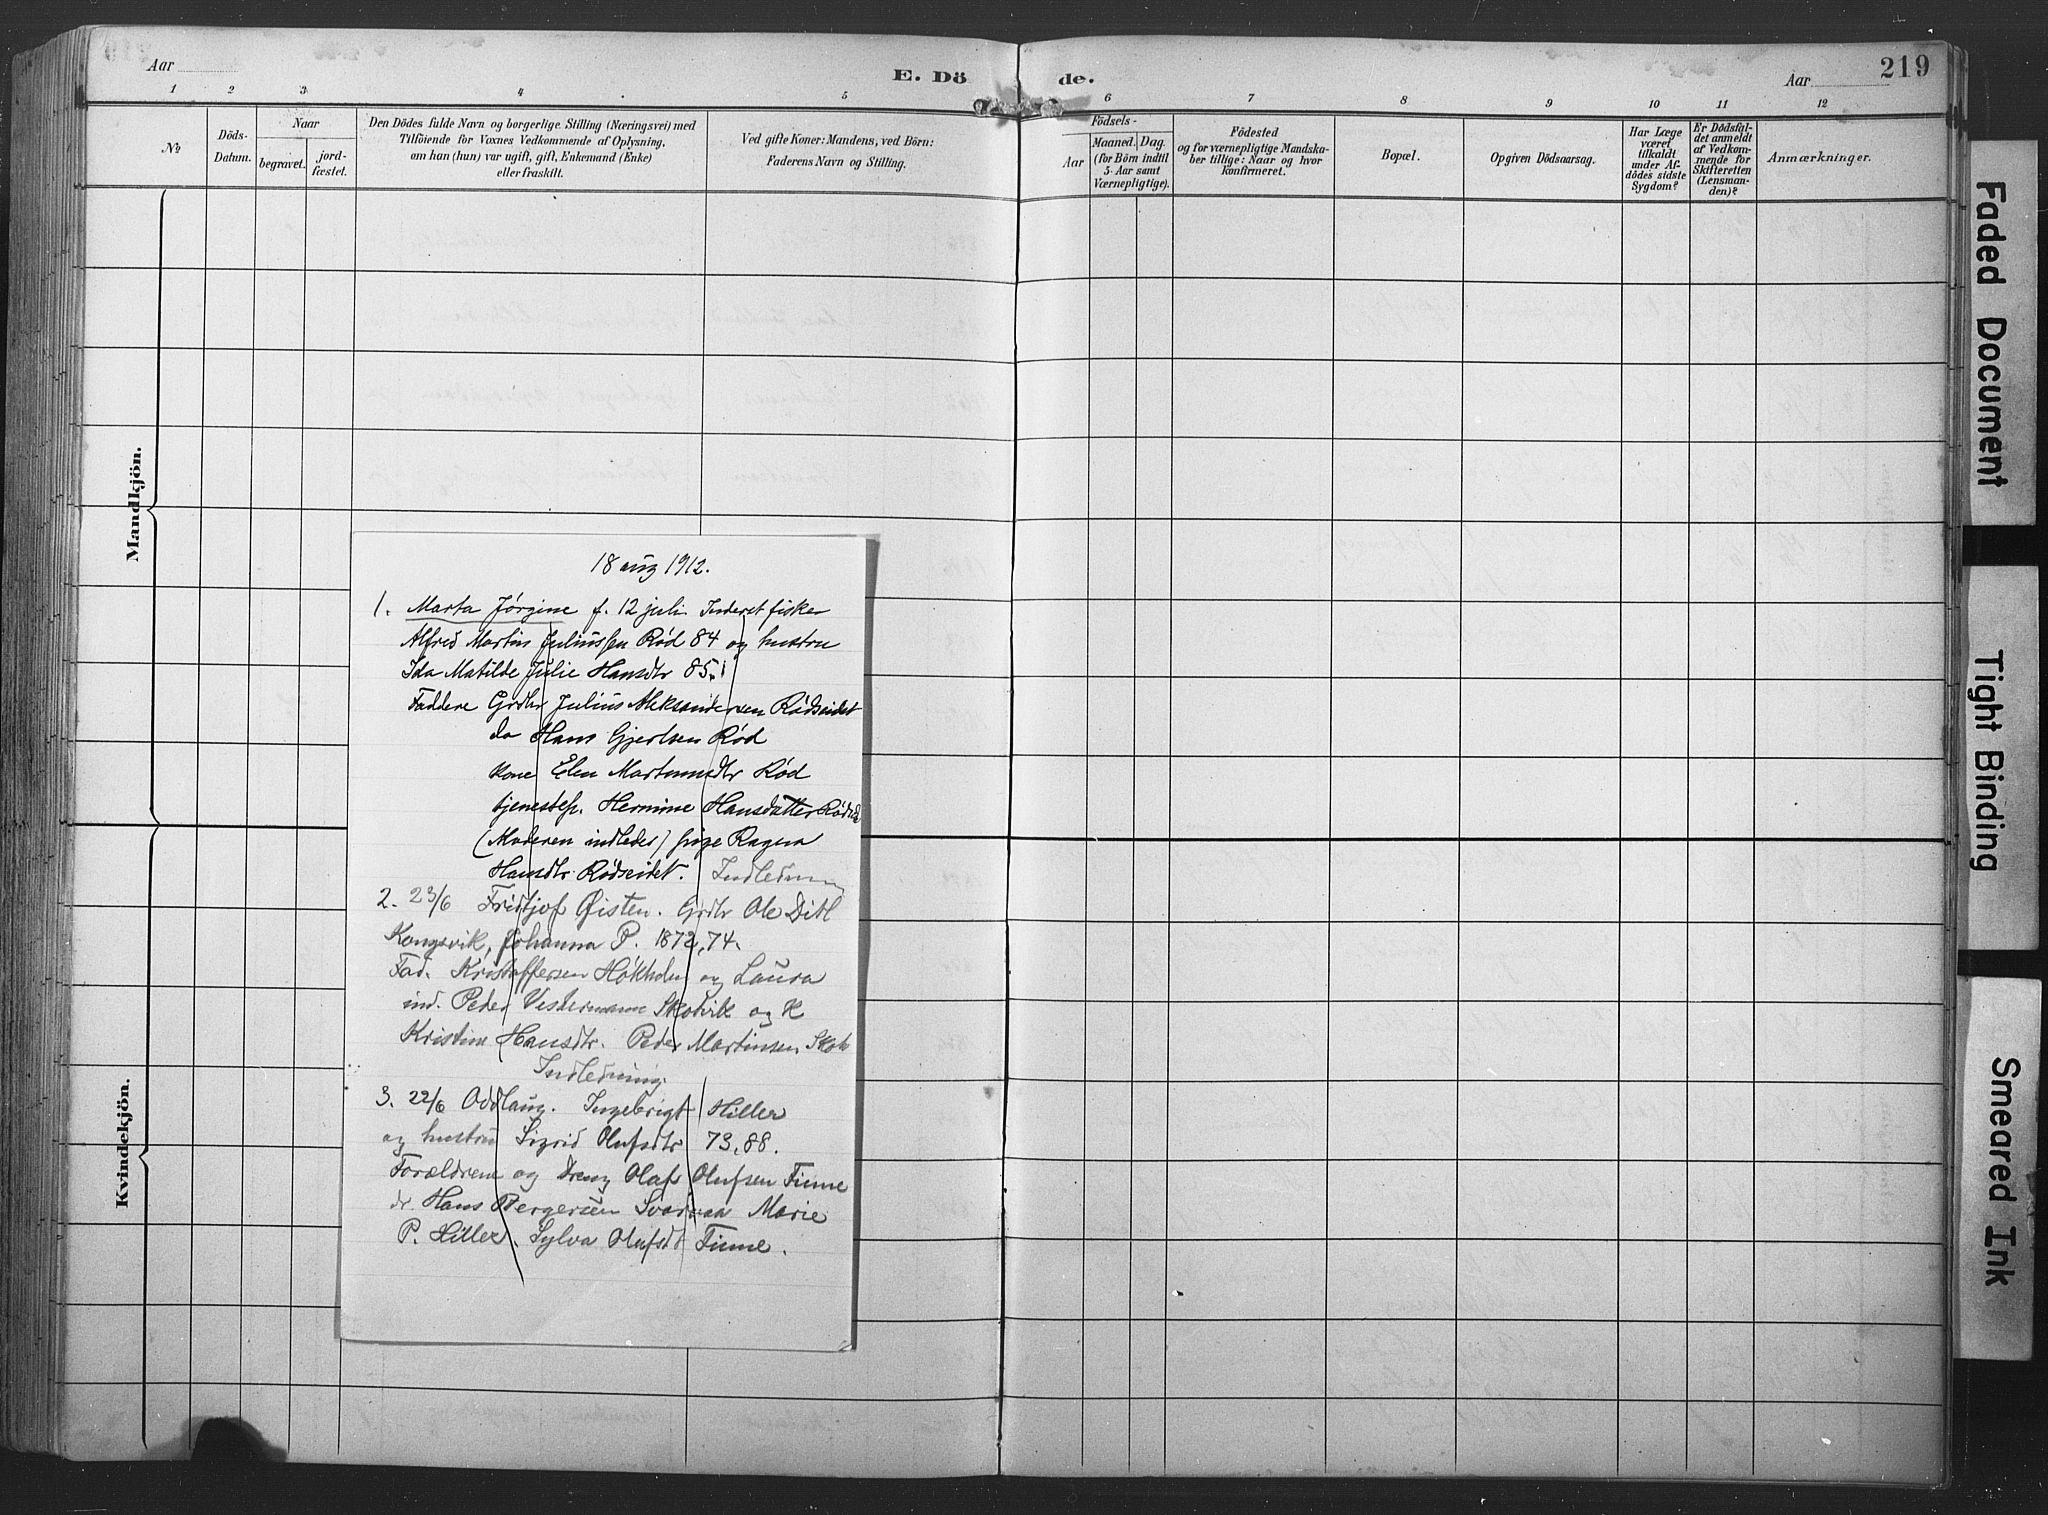 SAT, Ministerialprotokoller, klokkerbøker og fødselsregistre - Nord-Trøndelag, 789/L0706: Klokkerbok nr. 789C01, 1888-1931, s. 219